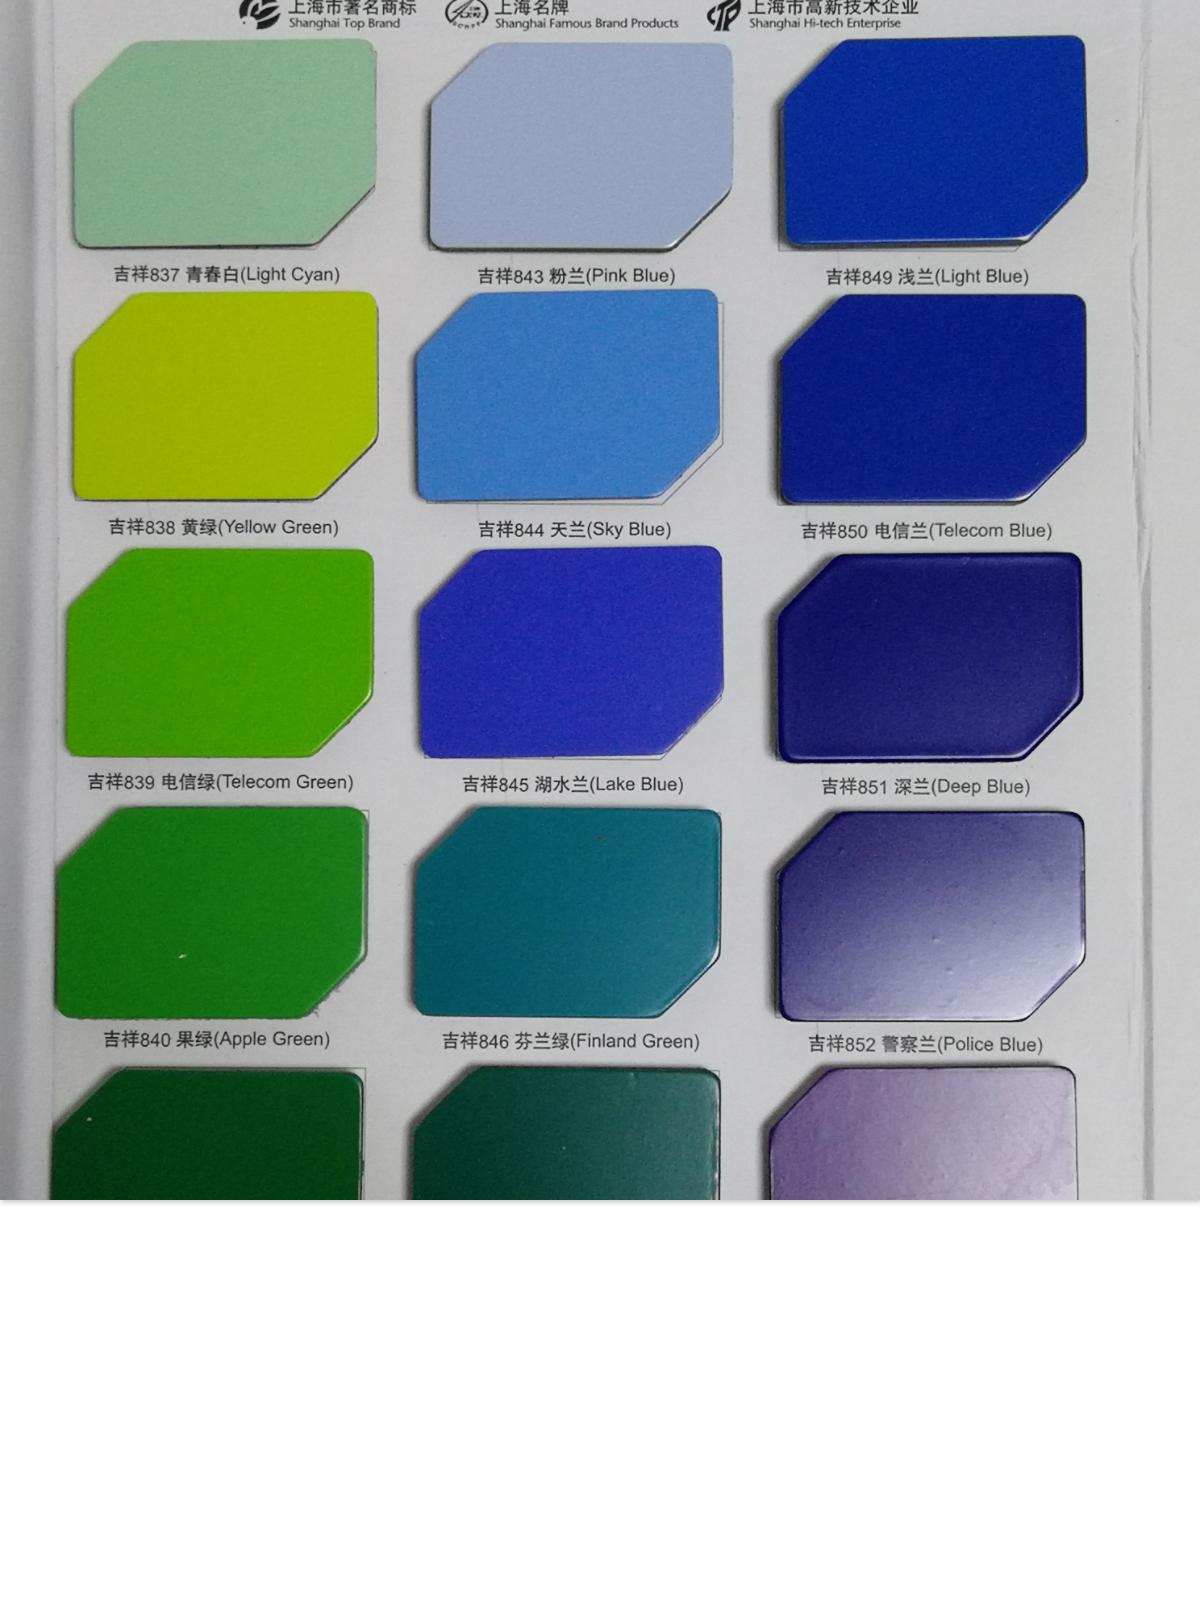 吉祥铝塑板3mm内墙外墙门头广告背景板材铝板 塑板加工定制4MM零